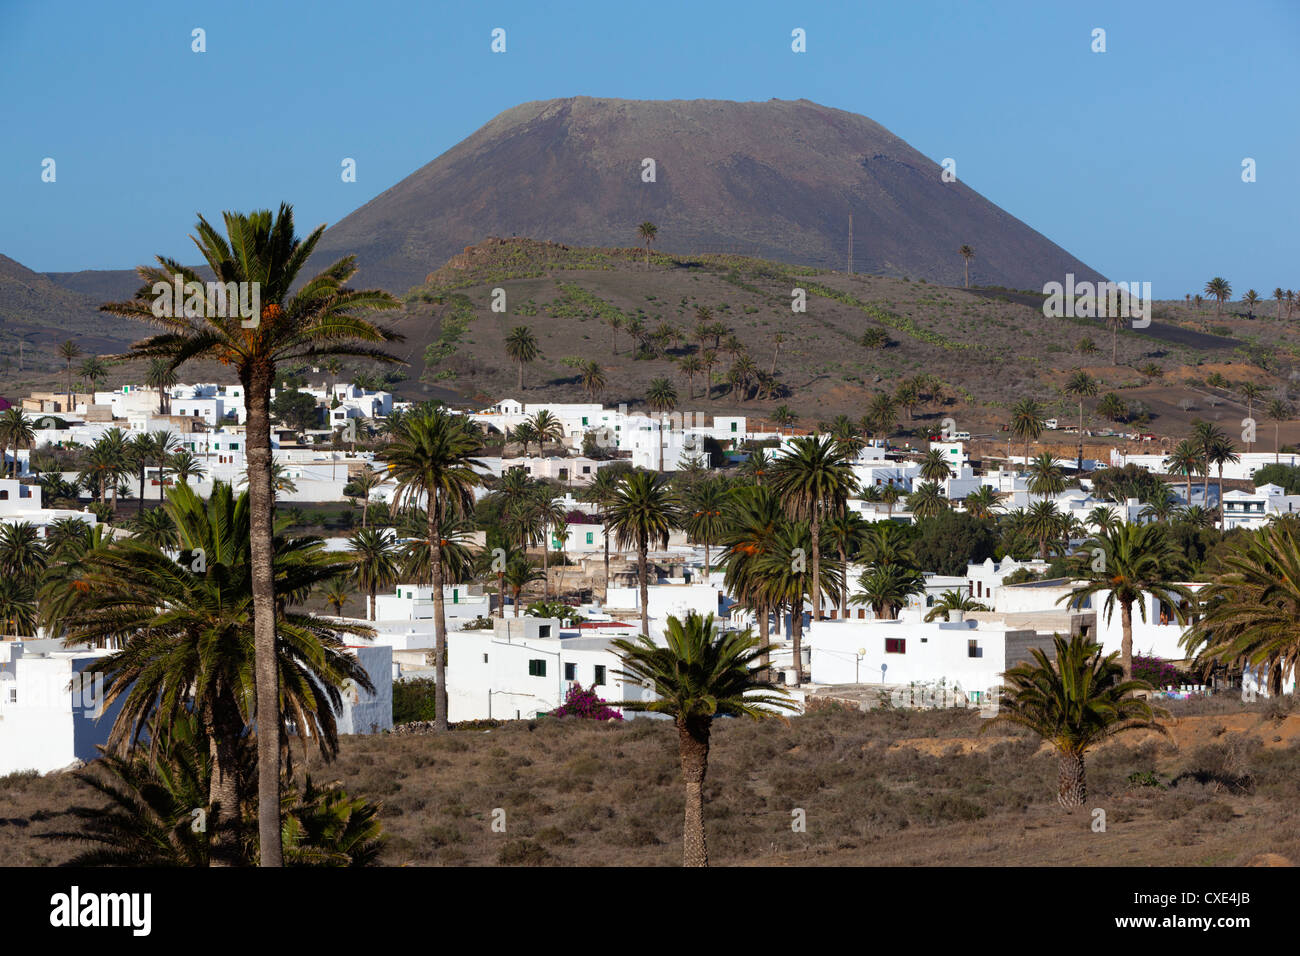 Blick über Dorf Haria, Lanzarote, Kanarische Inseln, Spanien Stockbild